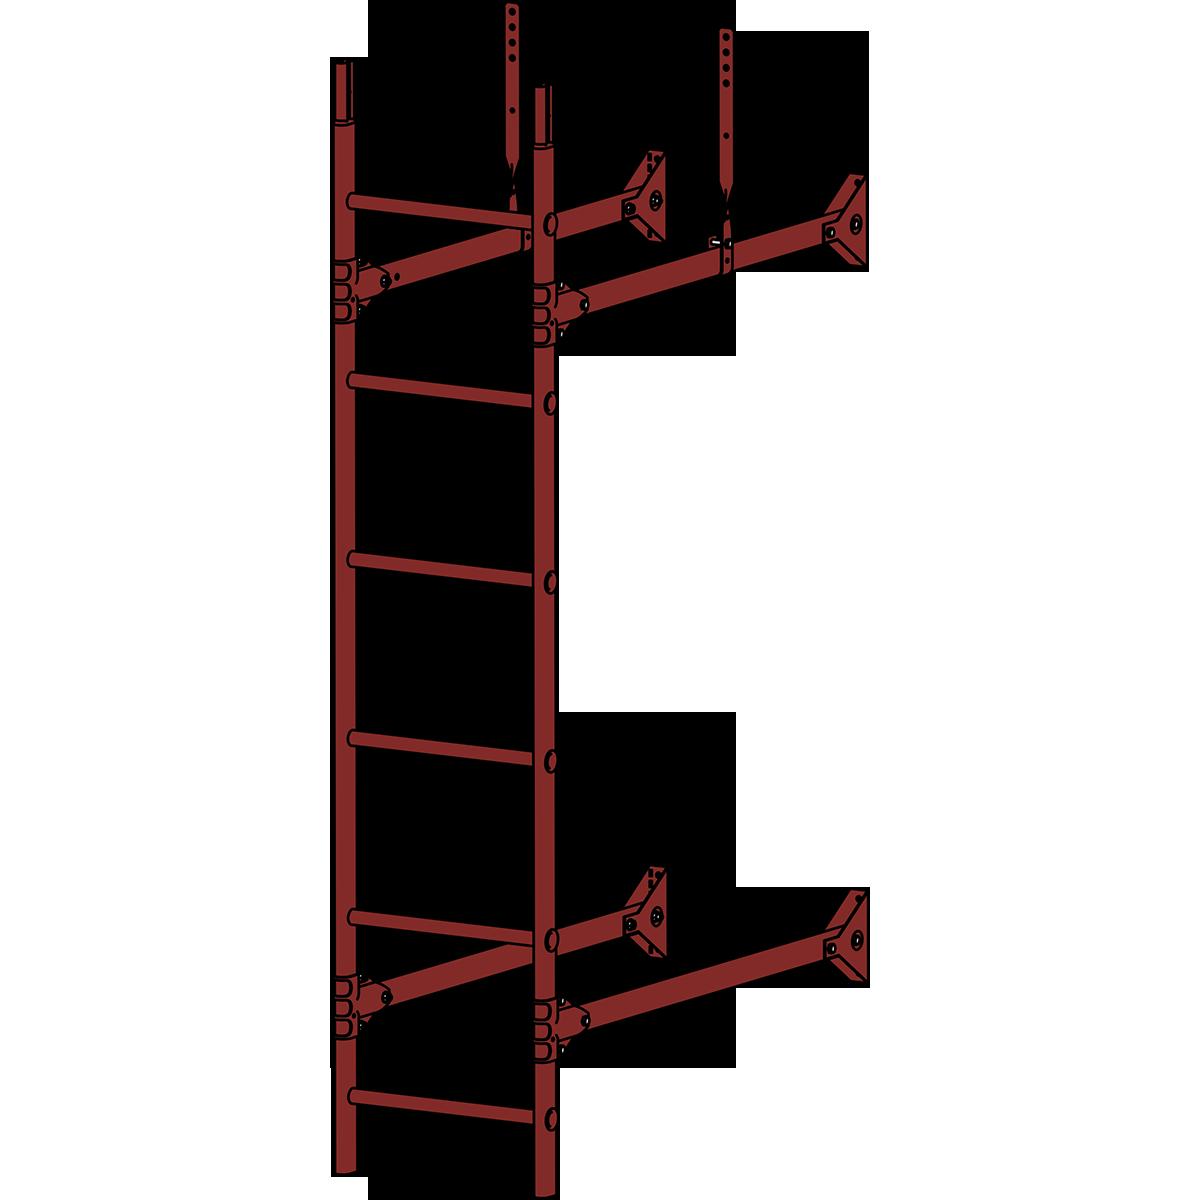 Лестница стеновая ROOFSYSTEMS PRESTIGE ZN 1,2 м RAL 3009 Красная окись